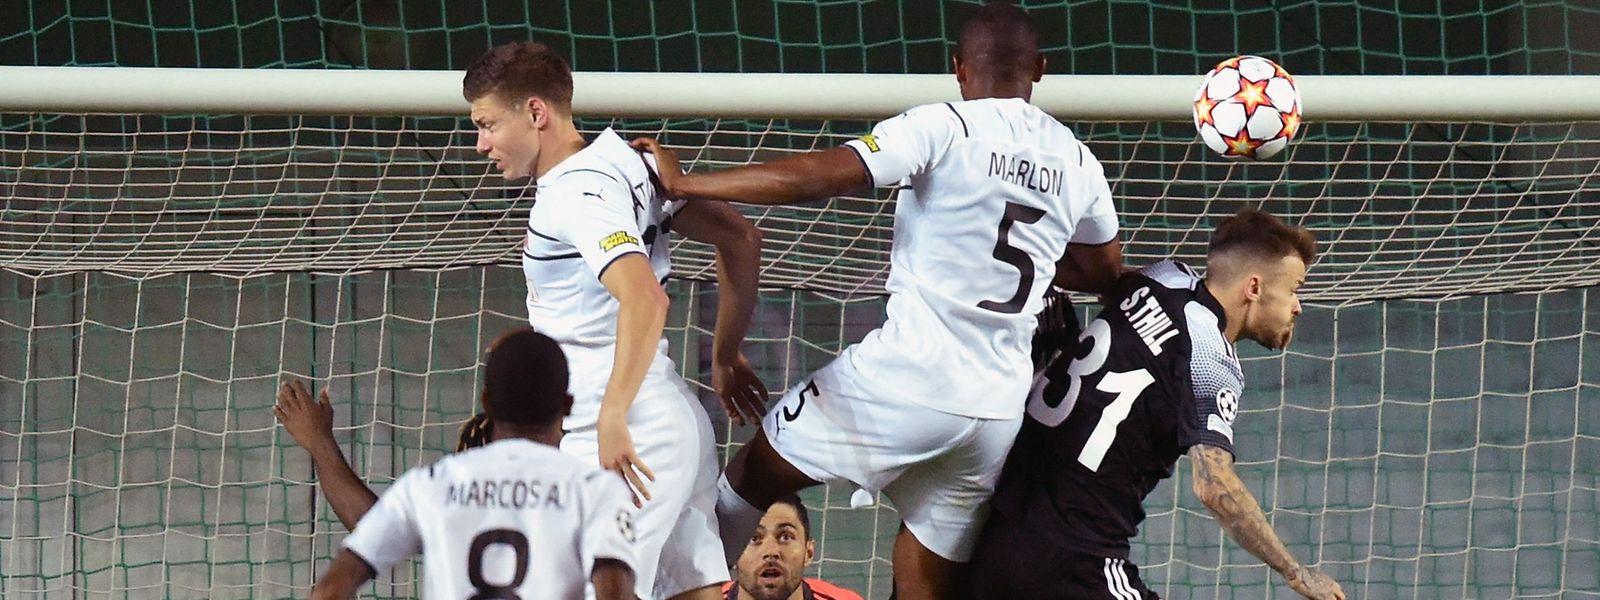 Sébastien Thill (r.) und Sheriff dürfen sich direkt am ersten Spieltag der Champions-League-Gruppenphase über drei Punkte freuen.